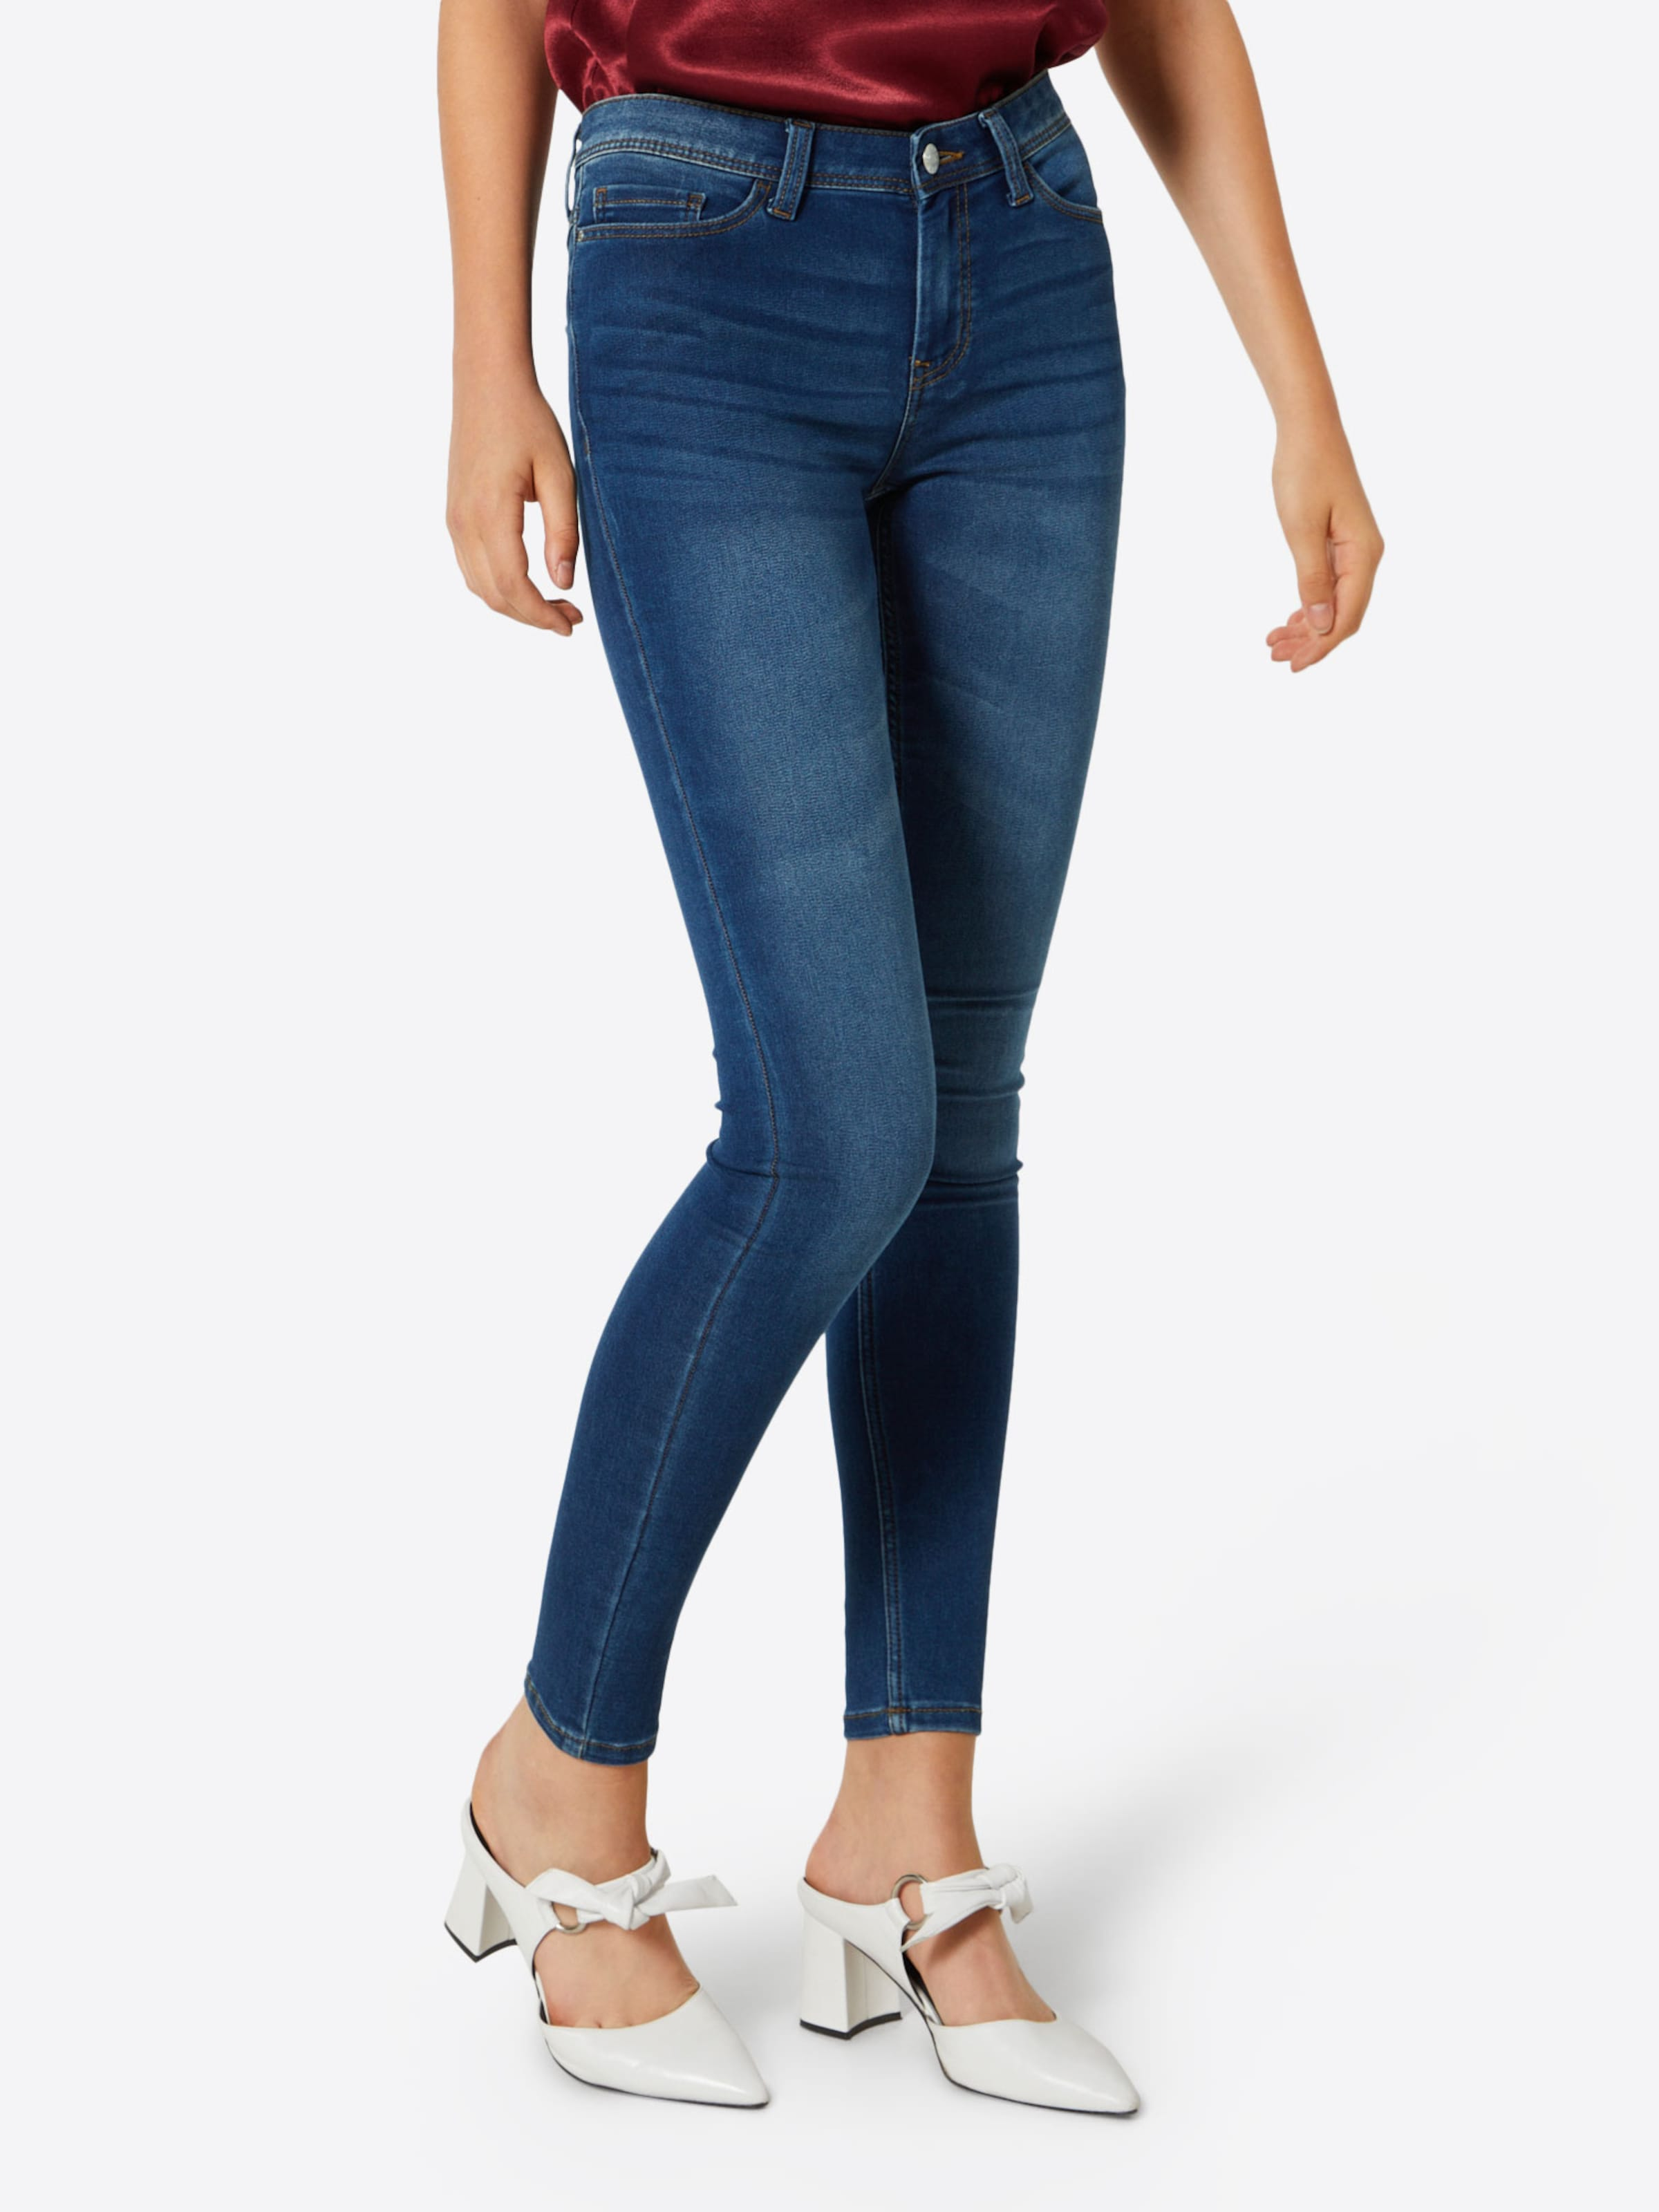 Blue De Jeans Jacqueline Yong In Denim drCBoex